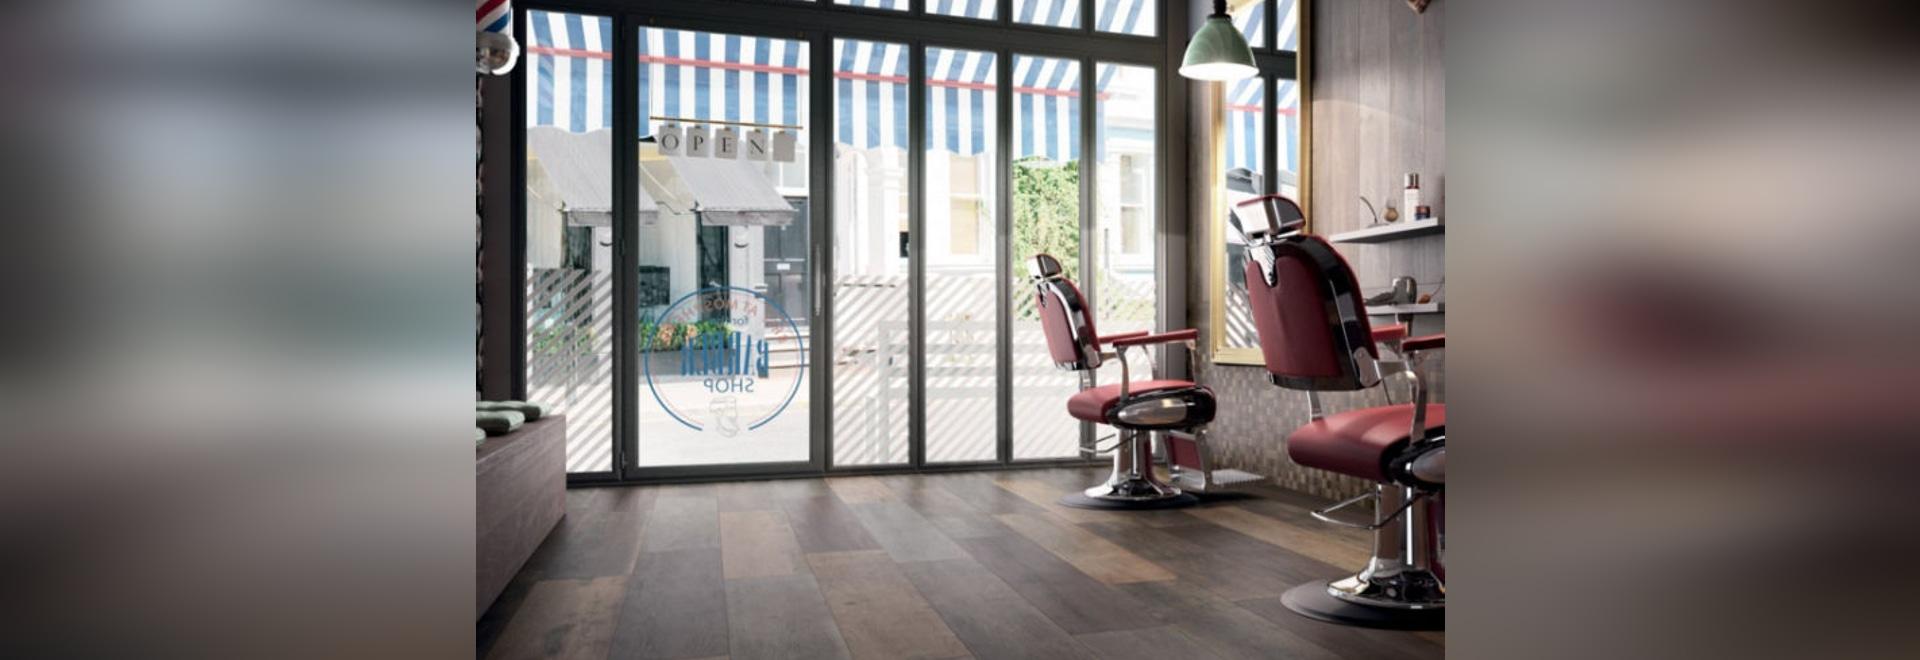 NEW: outdoor tile by CERAMICHE MARCA CORONA - CERAMICHE MARCA CORONA